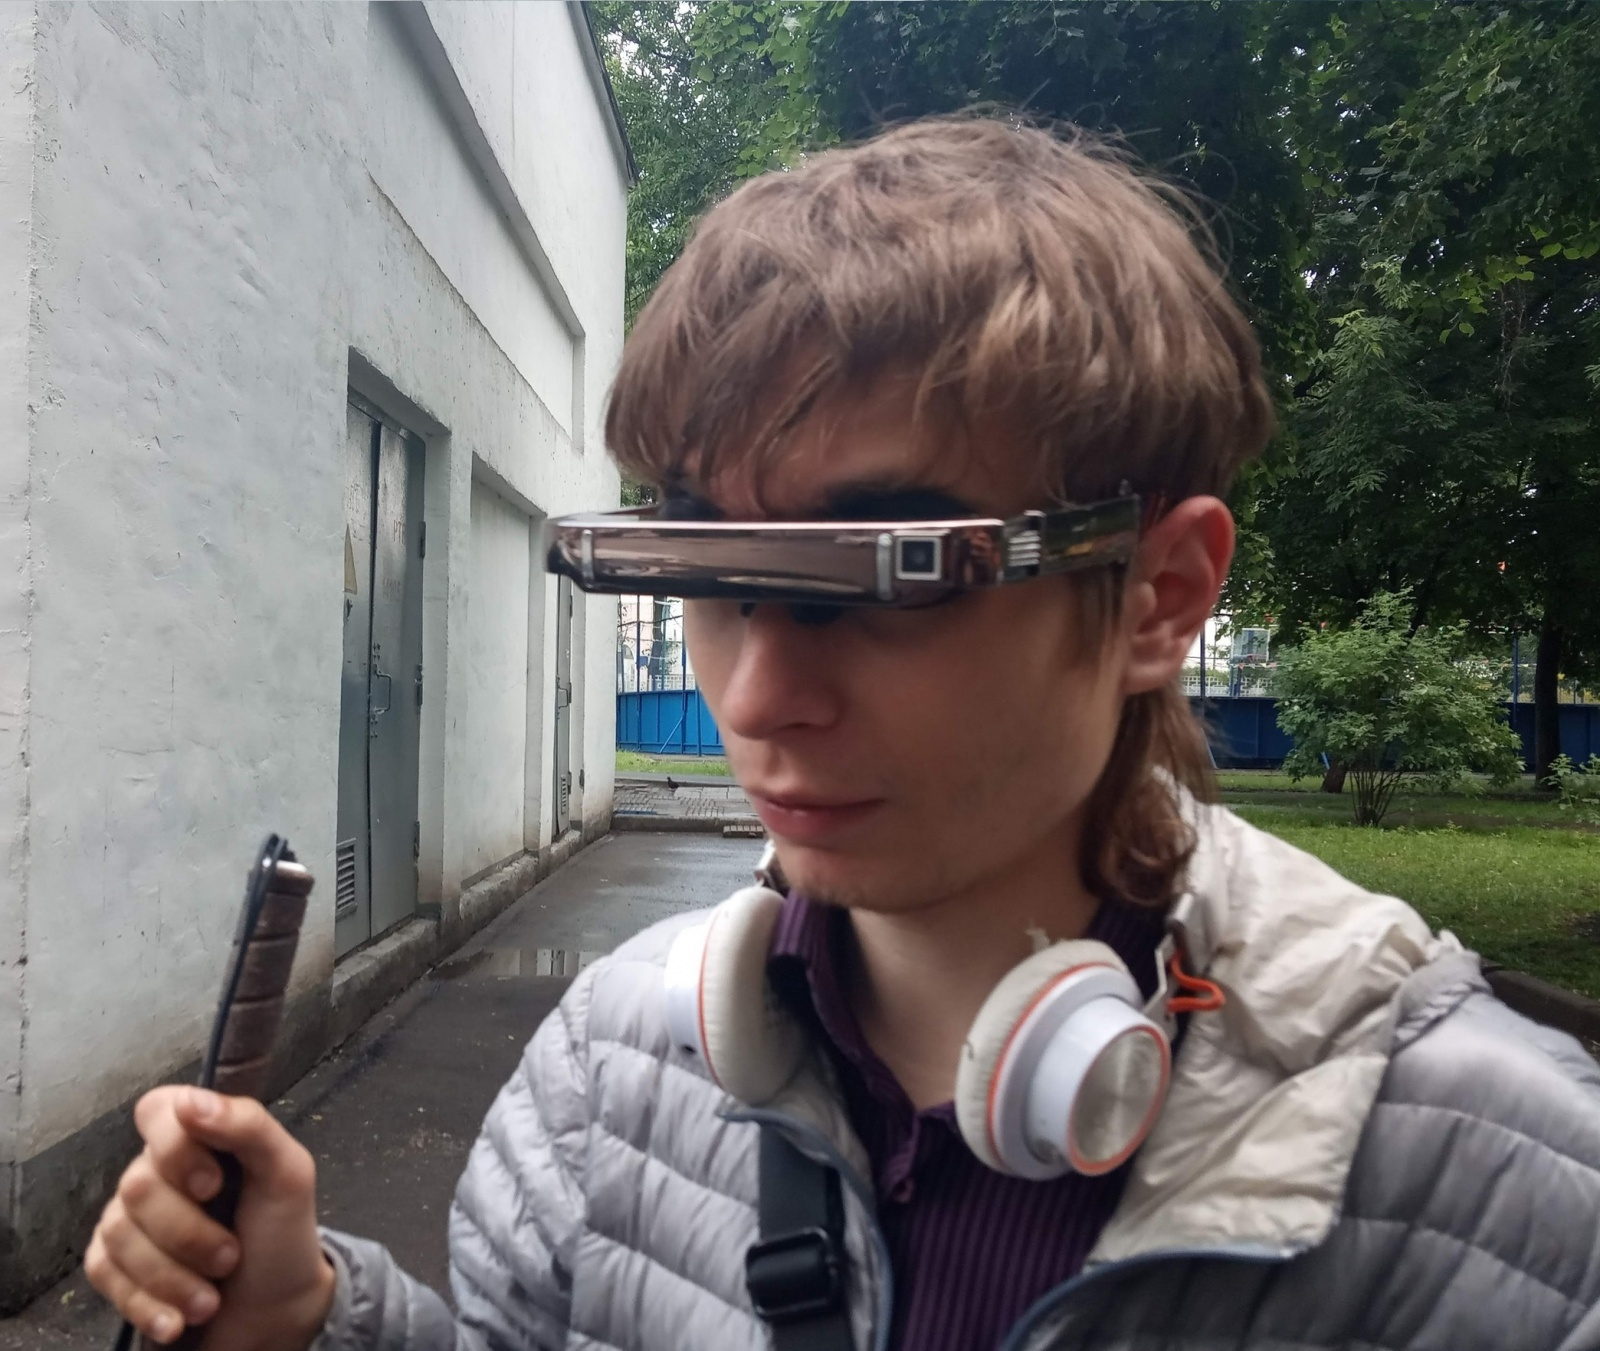 Что нужно незрячему? Обзор слепоглухого эксперта Сергея Флейтина - 5